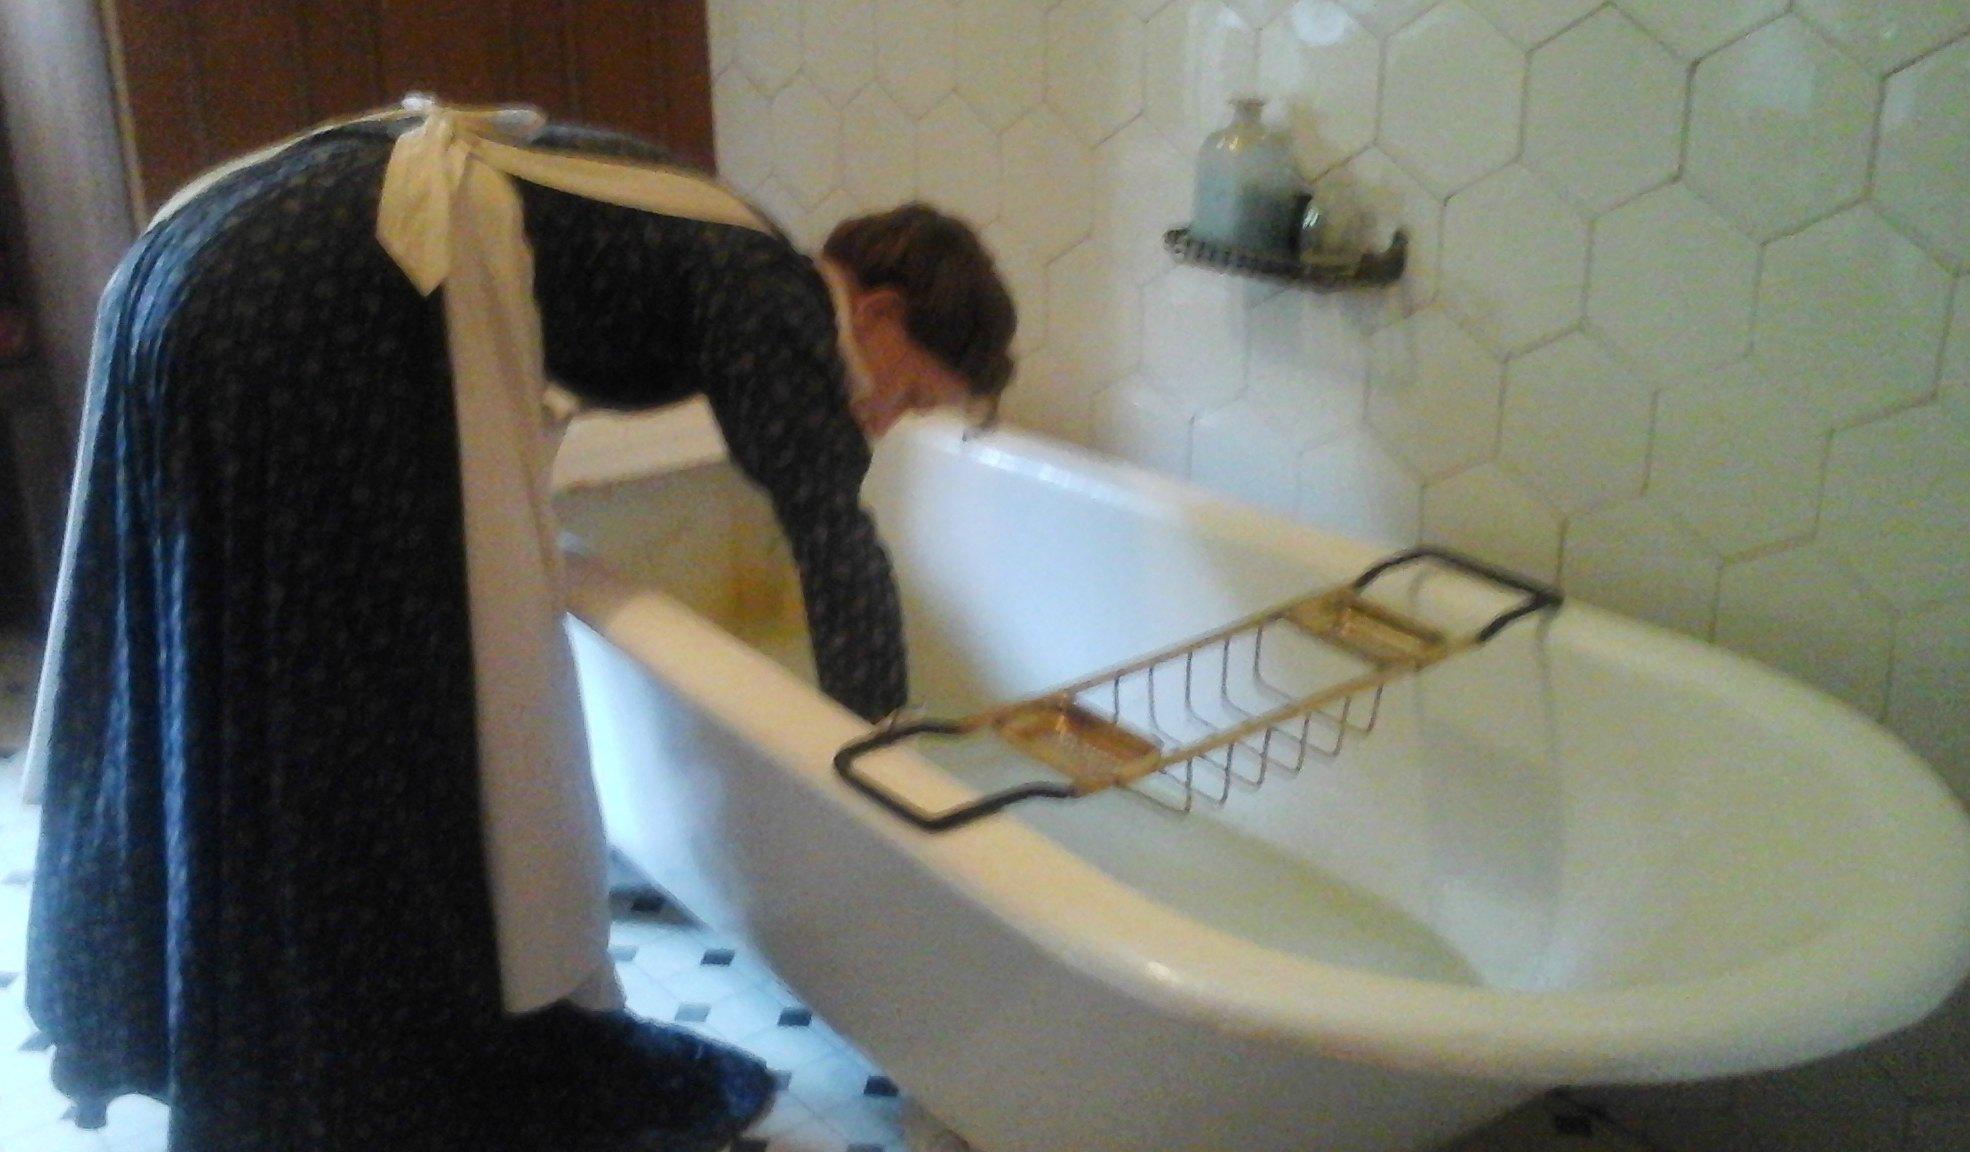 Maidpreparingabathforaguest Millie Thom - Bathroom maid